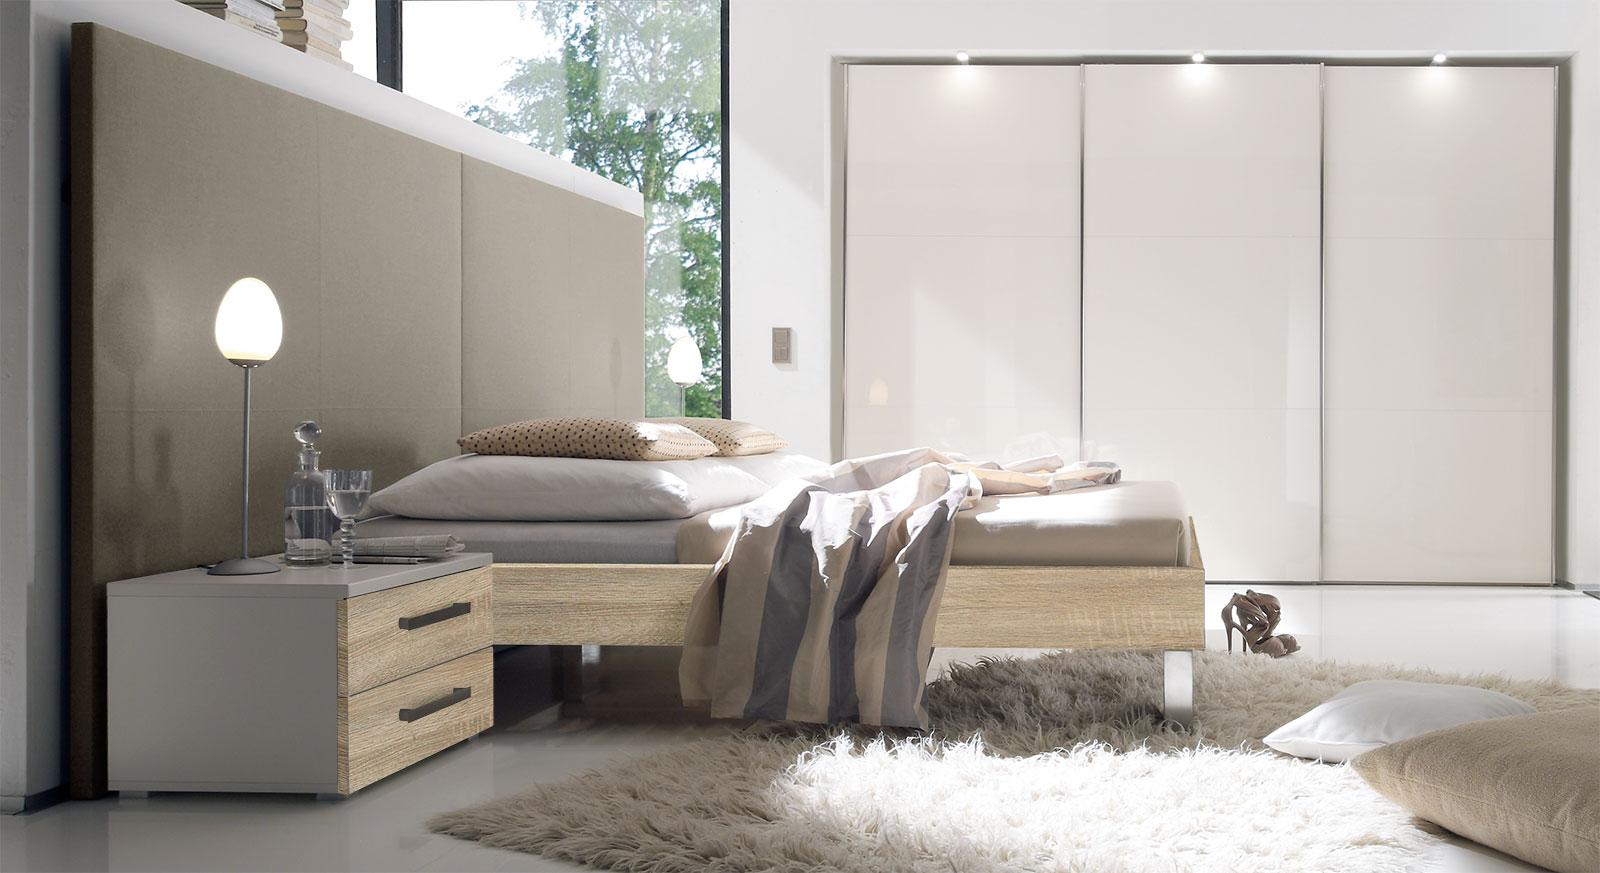 Bett Brescia in MDF-Dekor Eiche sägerau natur mit taupefarbenem Wandpaneel aus Leinen